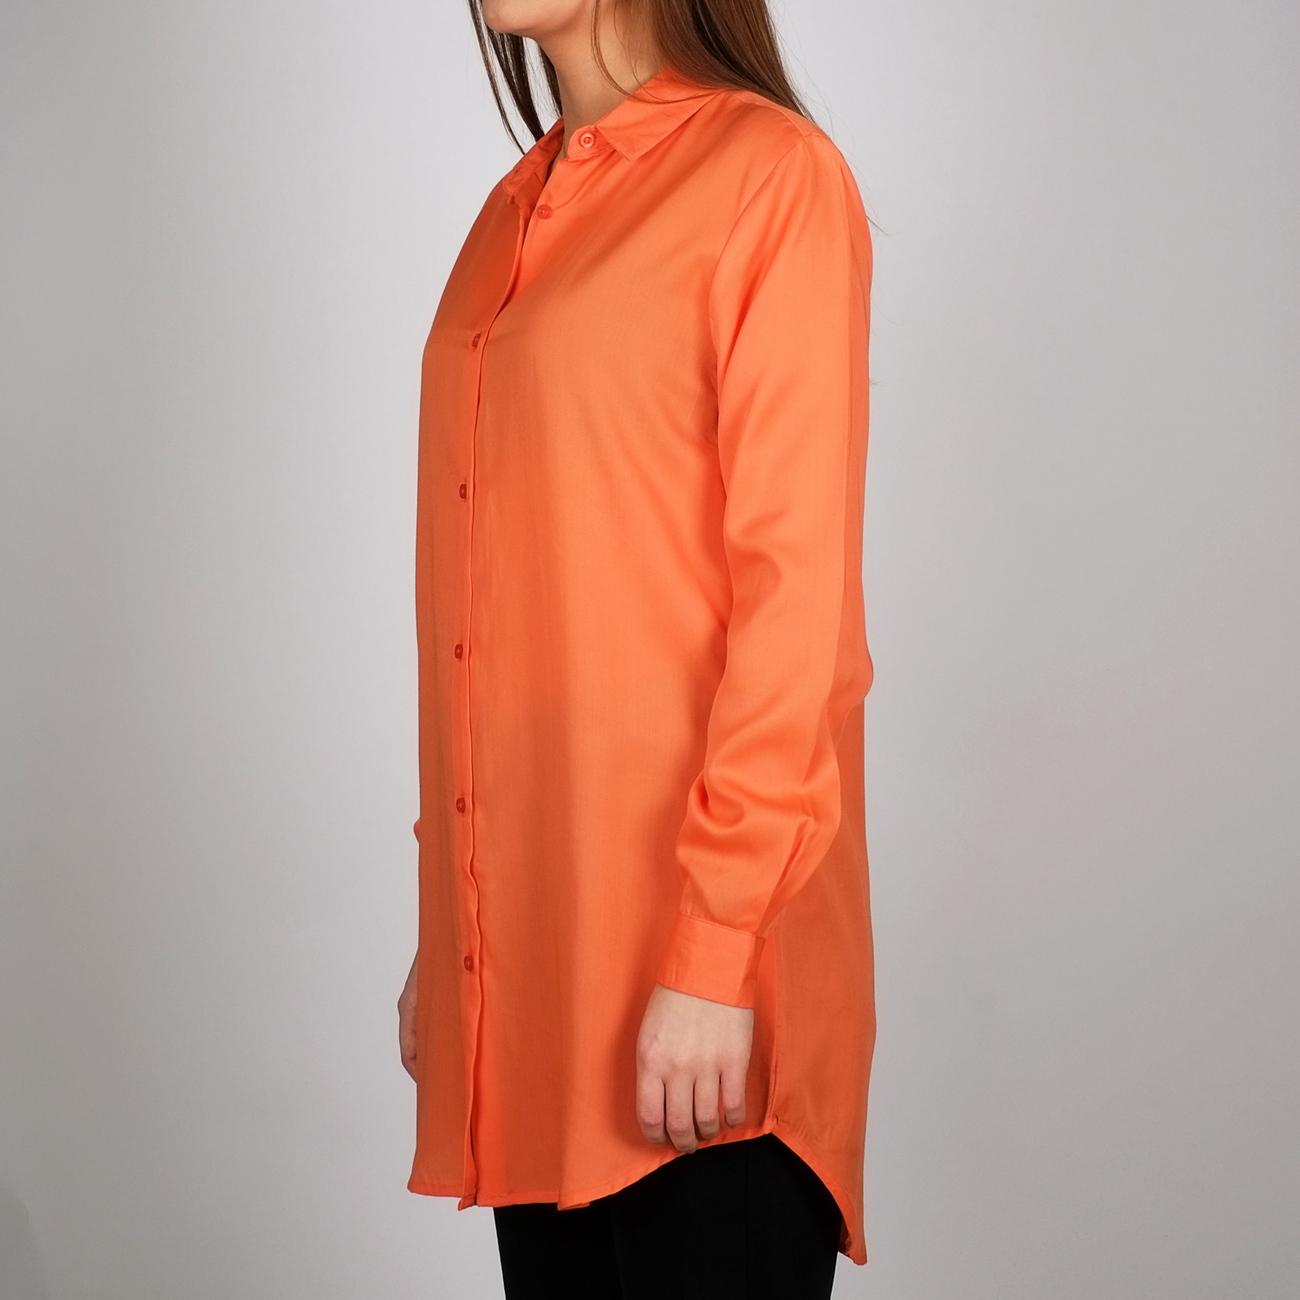 Shirt Fredericia